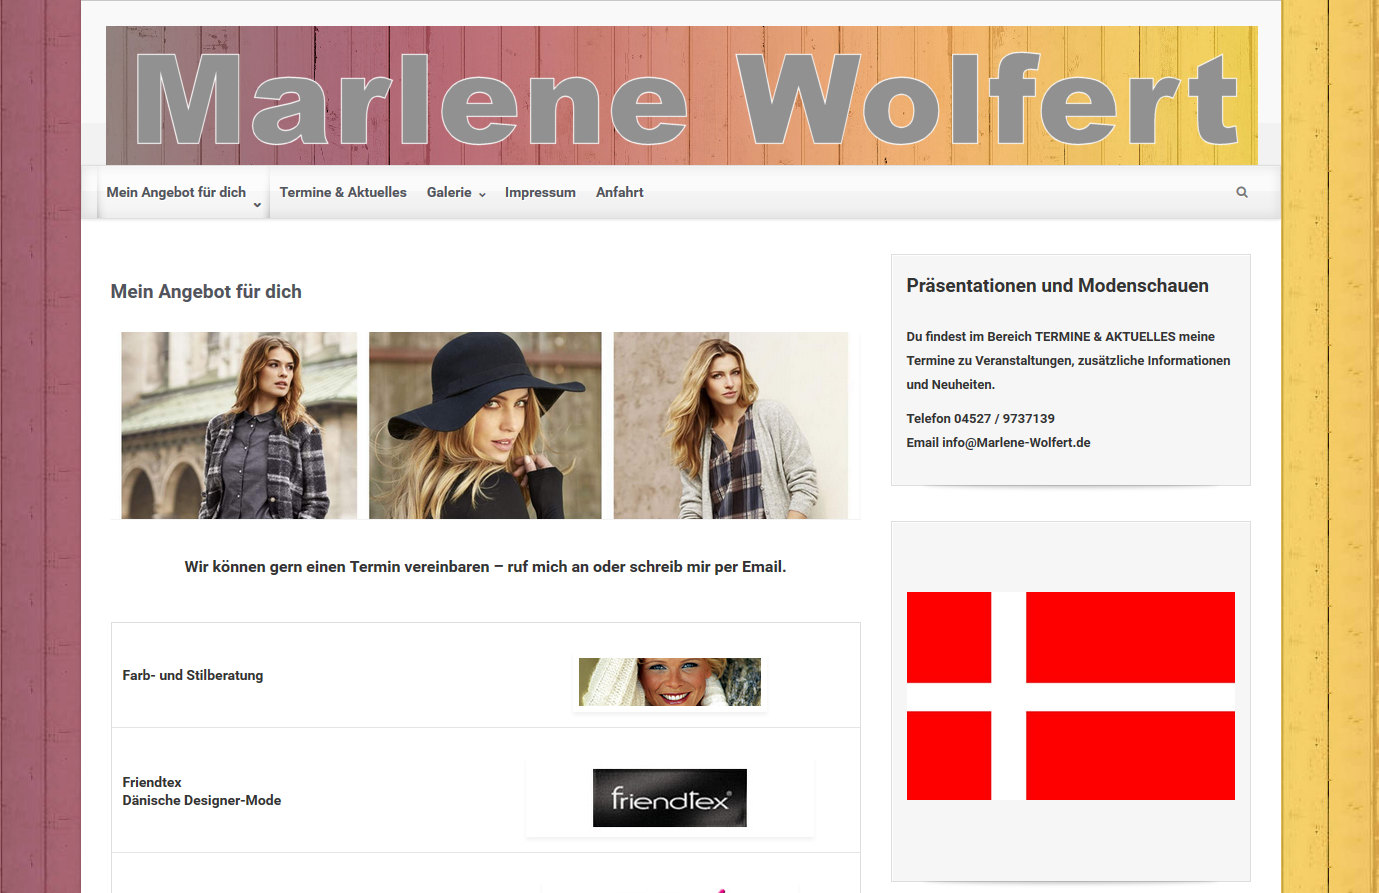 Marlene-Wolfert.de